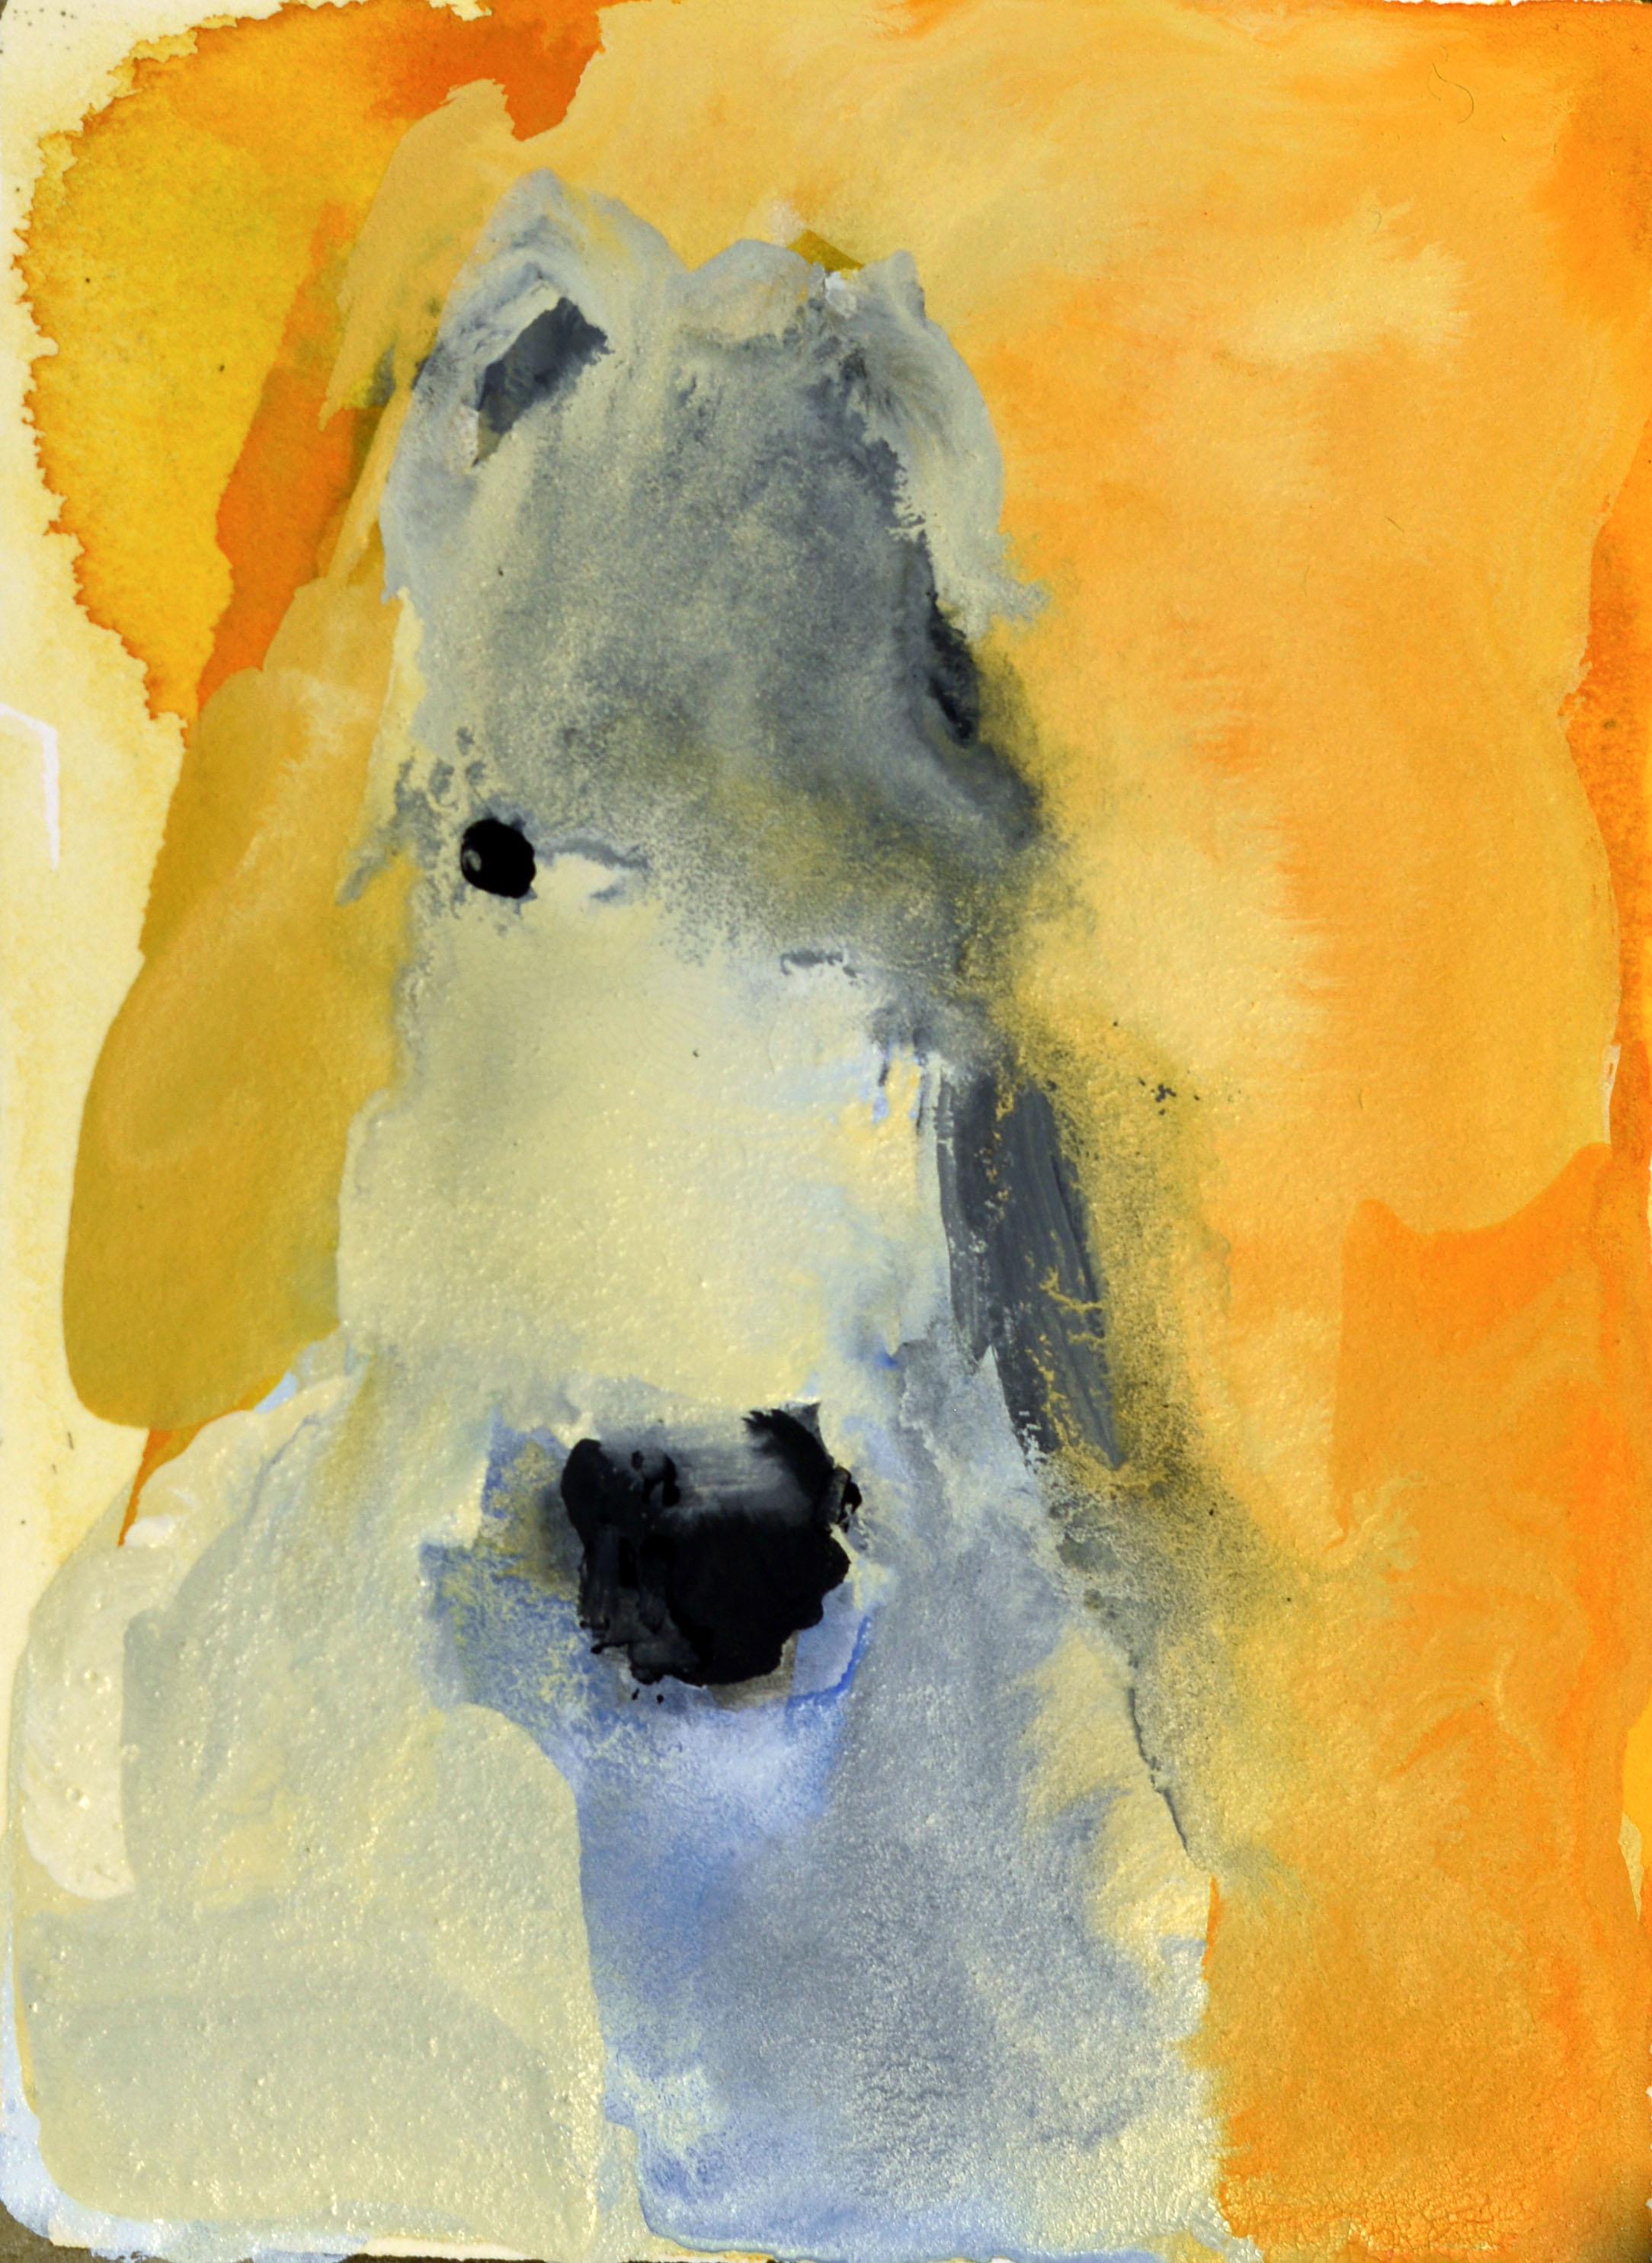 Rebecca Kinkead White Horse (on Orange)_4x3 inset on 11 x 7.5 paper.jpg